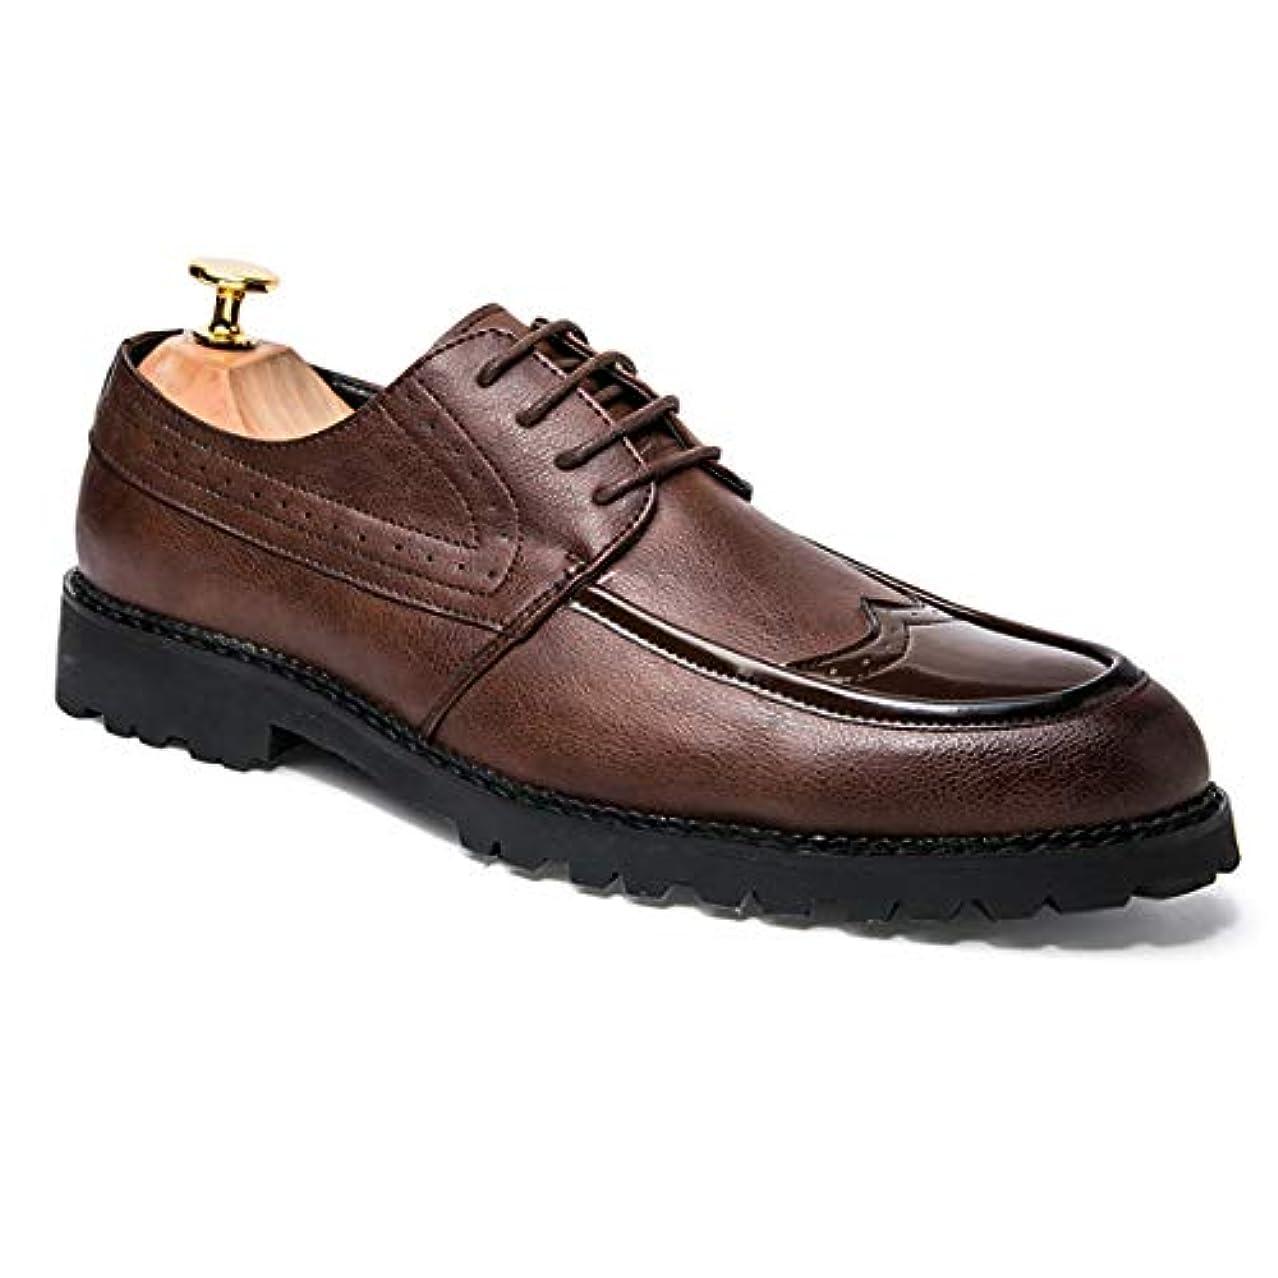 信頼指クーポン[Poly] メンズシューズ レザーシューズ ドレスシューズ レースアップ ビジネスシューズ カジュアル靴 紳士靴 ハイヒール エナメル ストレートチップ G-K66090